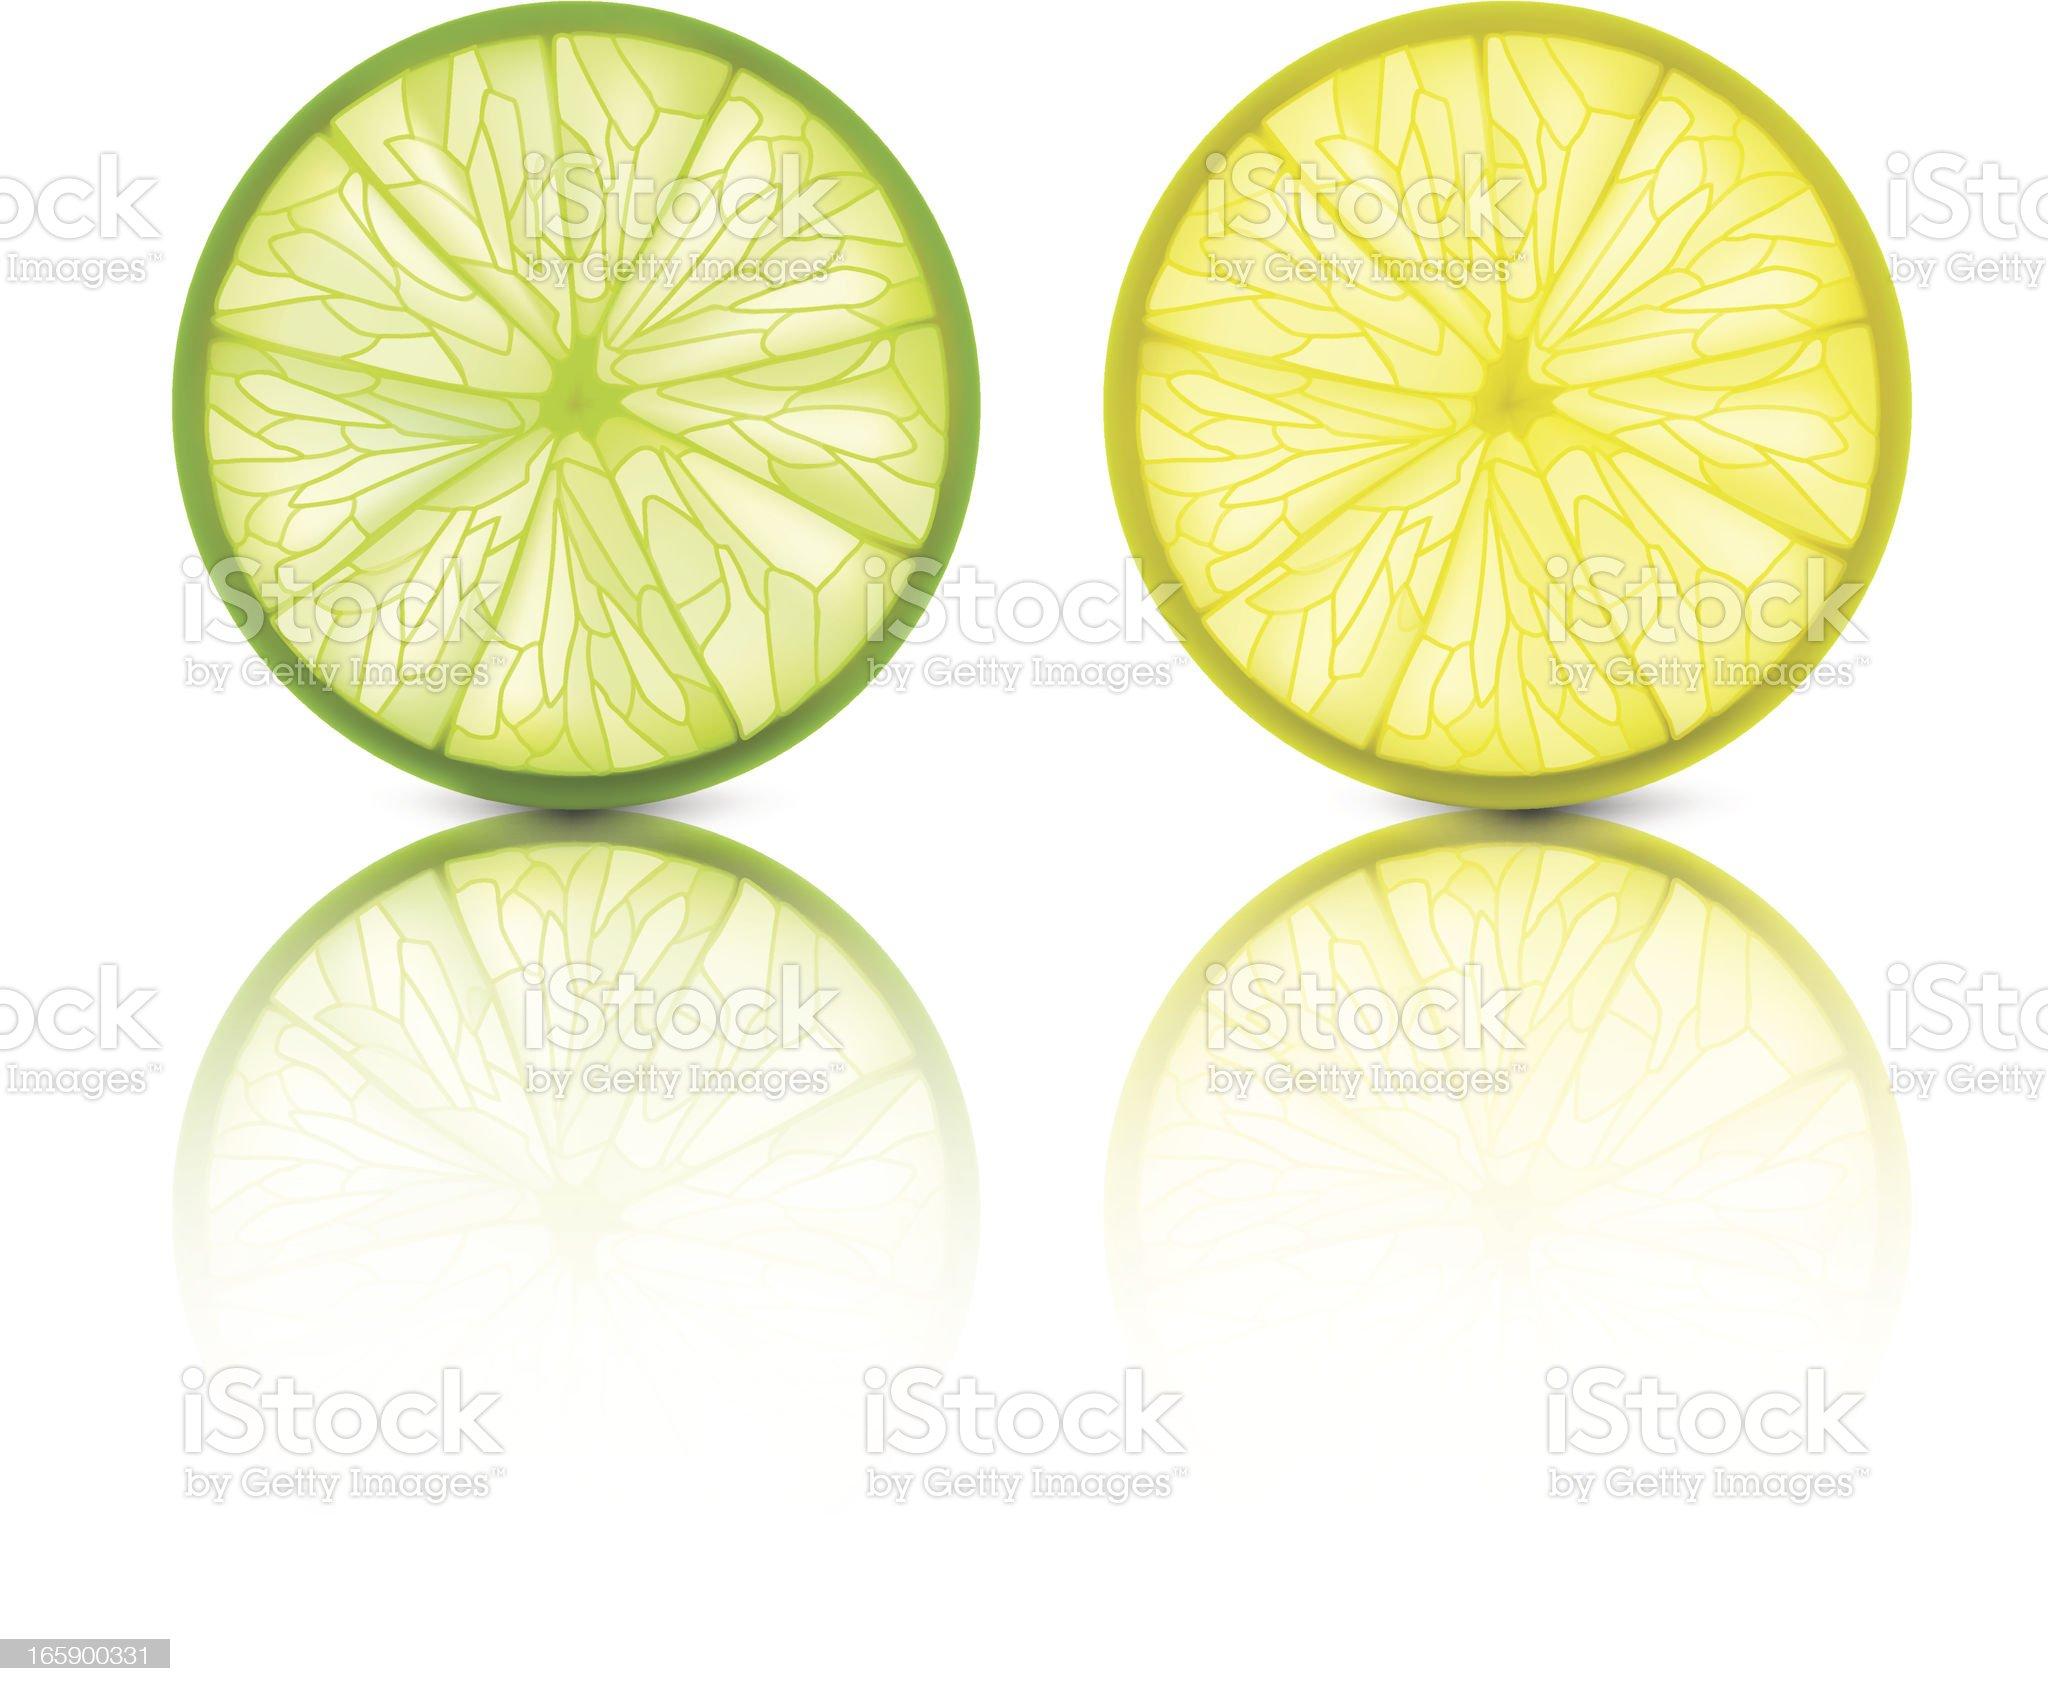 Lemon Lime - Vector Illustration royalty-free stock vector art